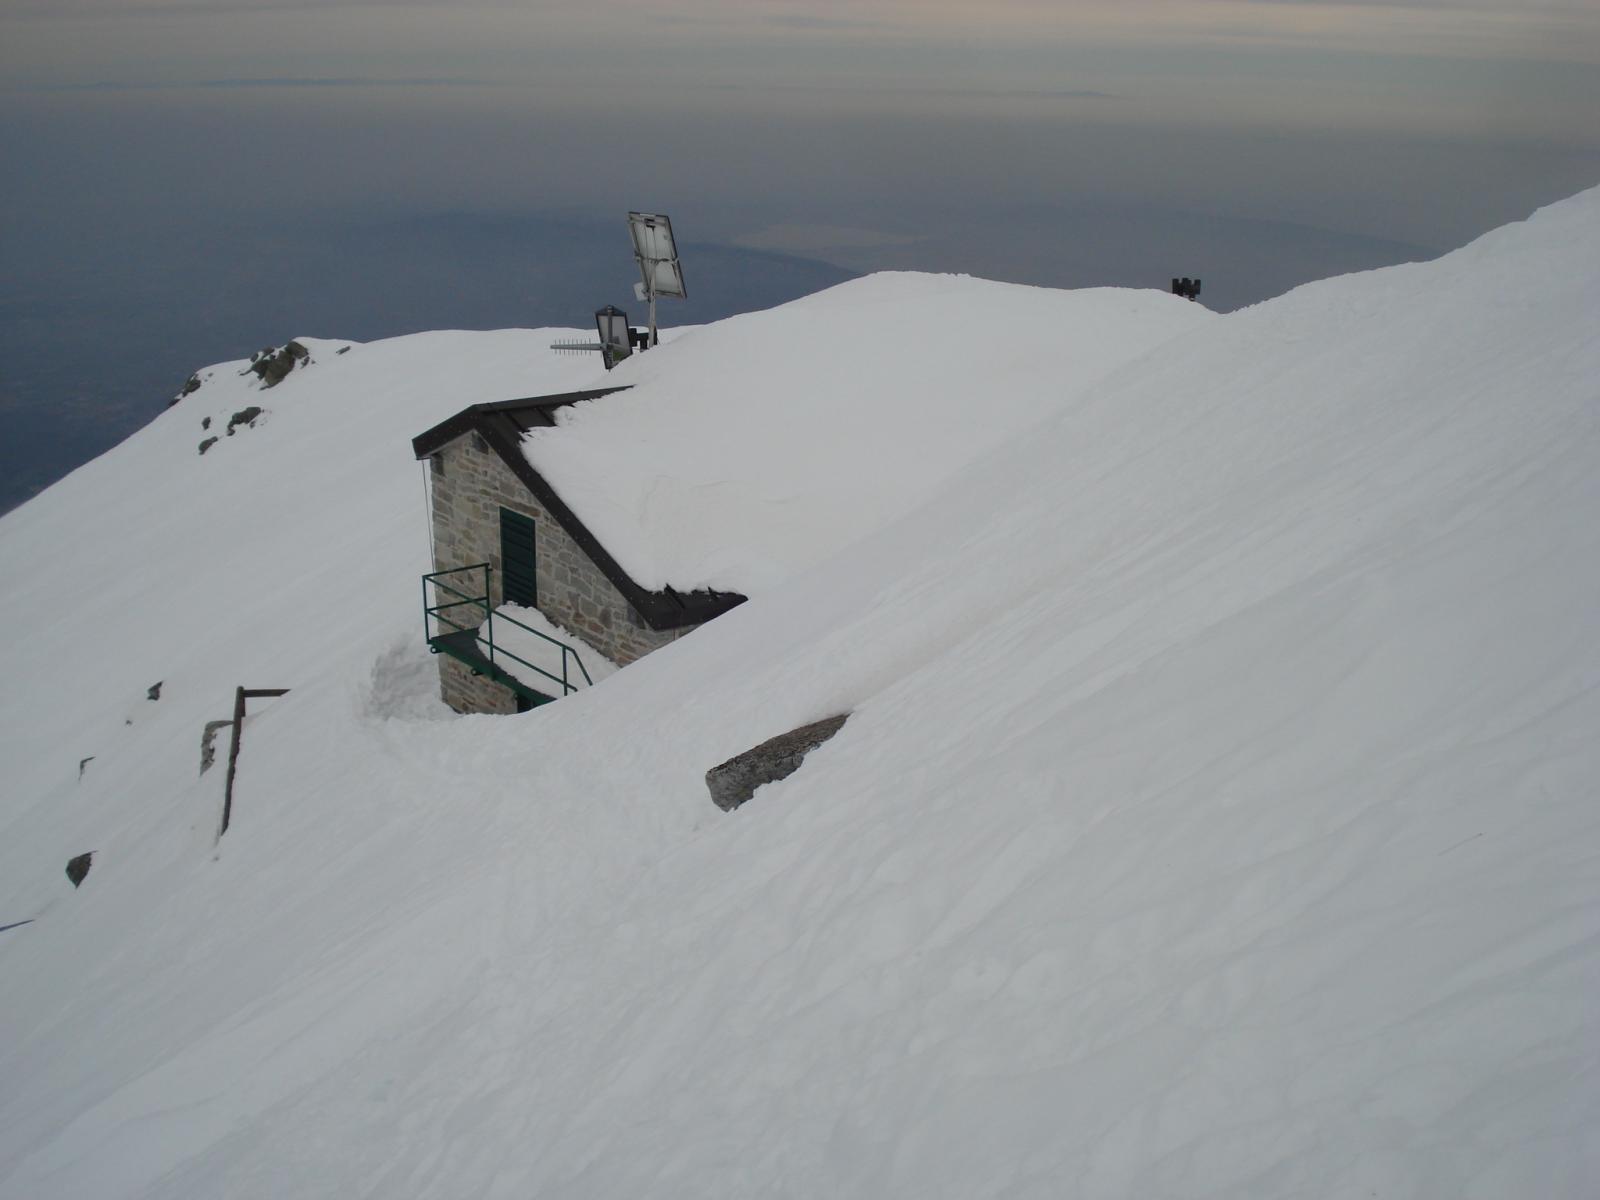 Il rifugio semisommerso dalla neve